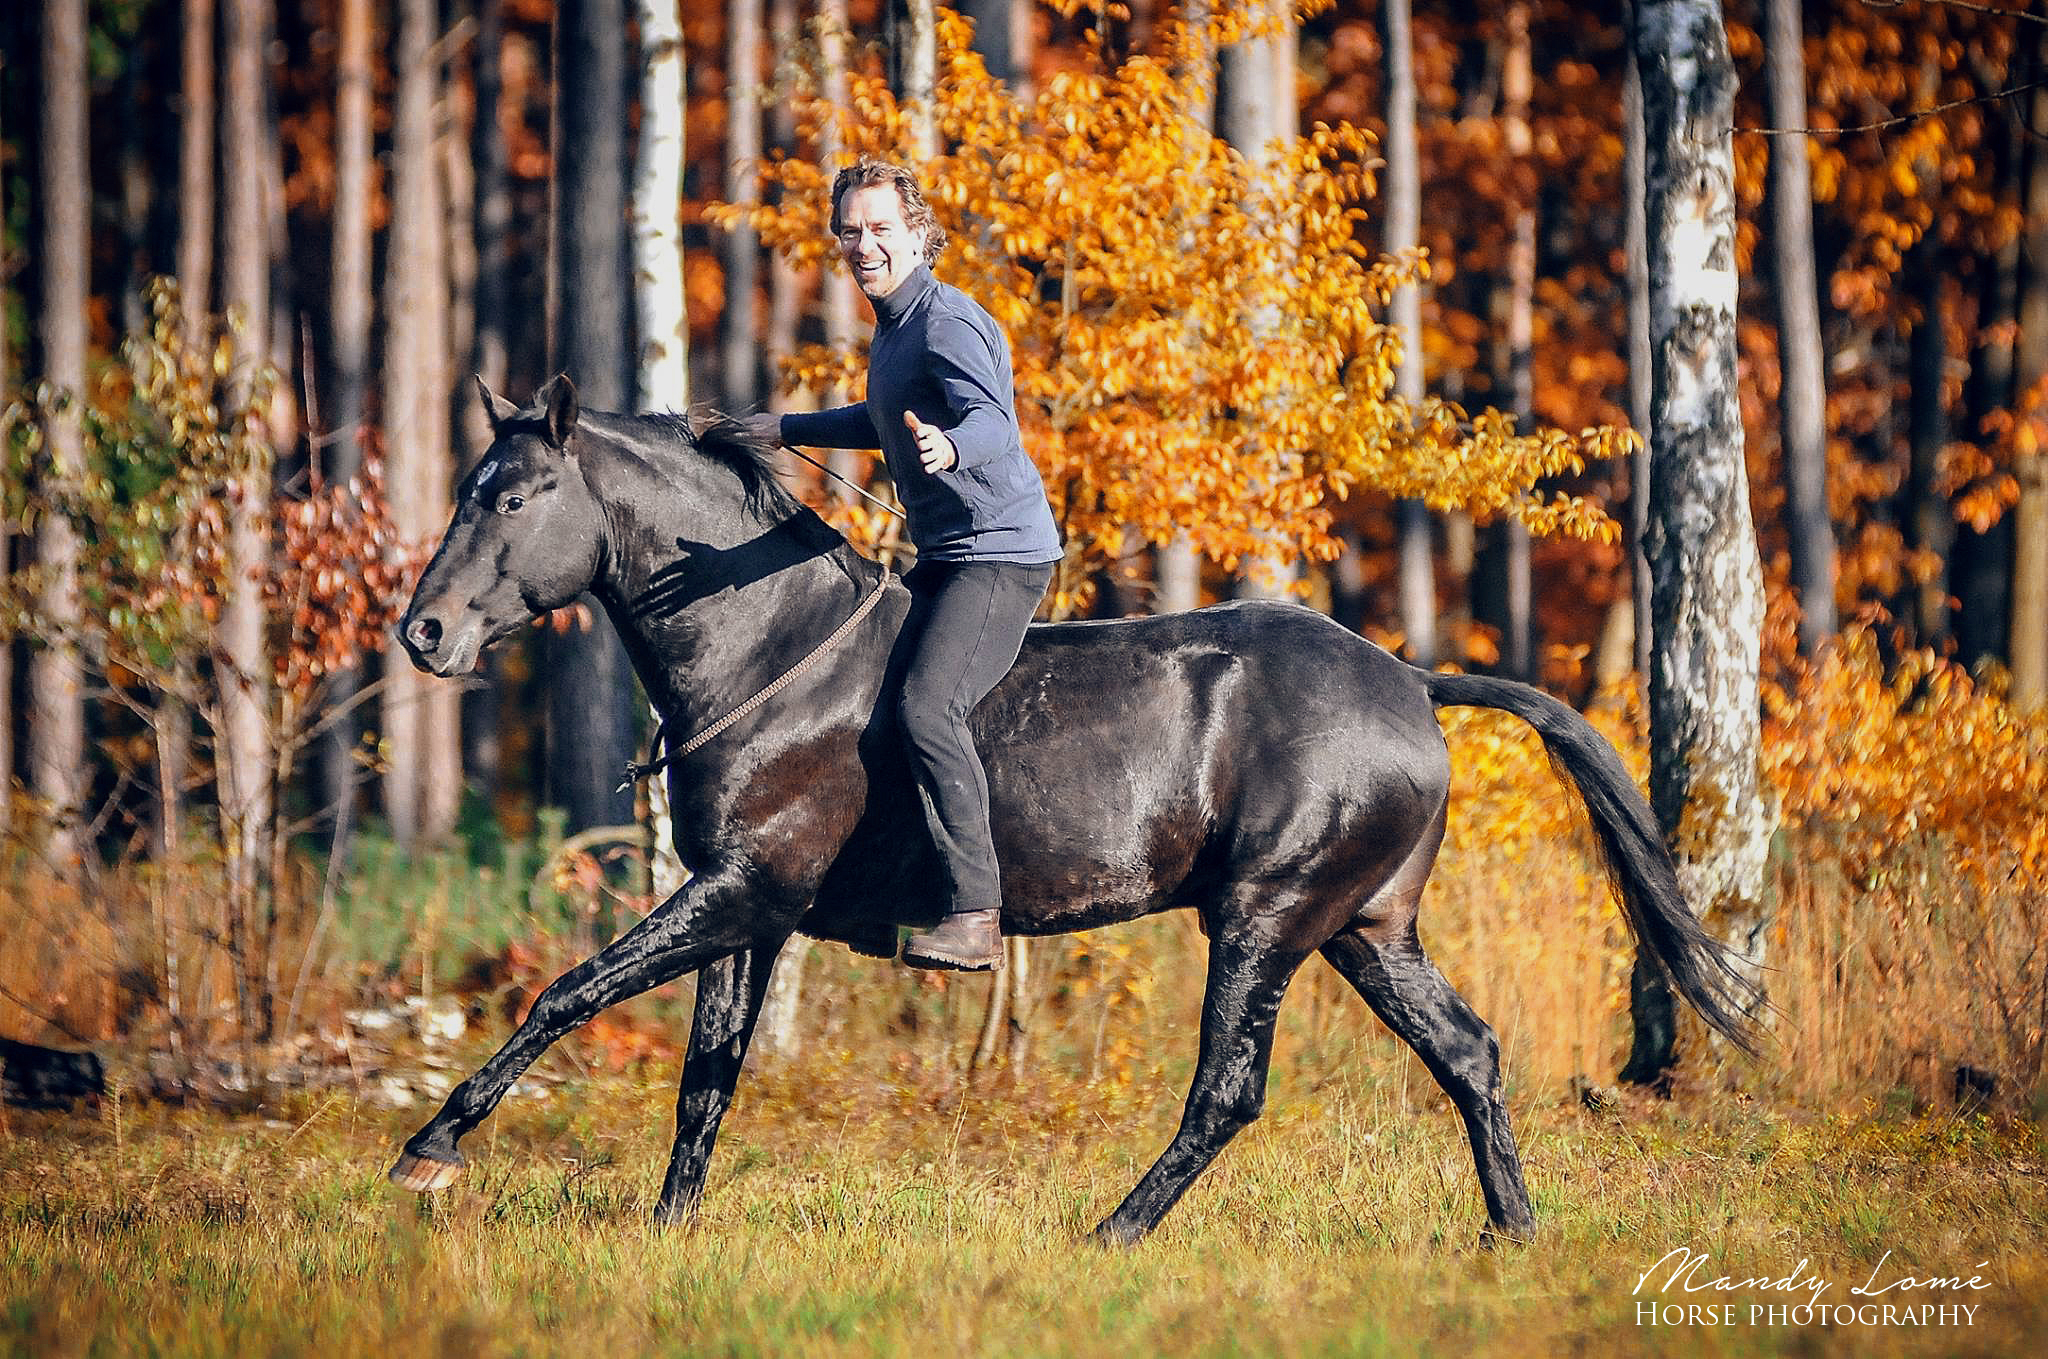 galoppierendes pferd mit reiter